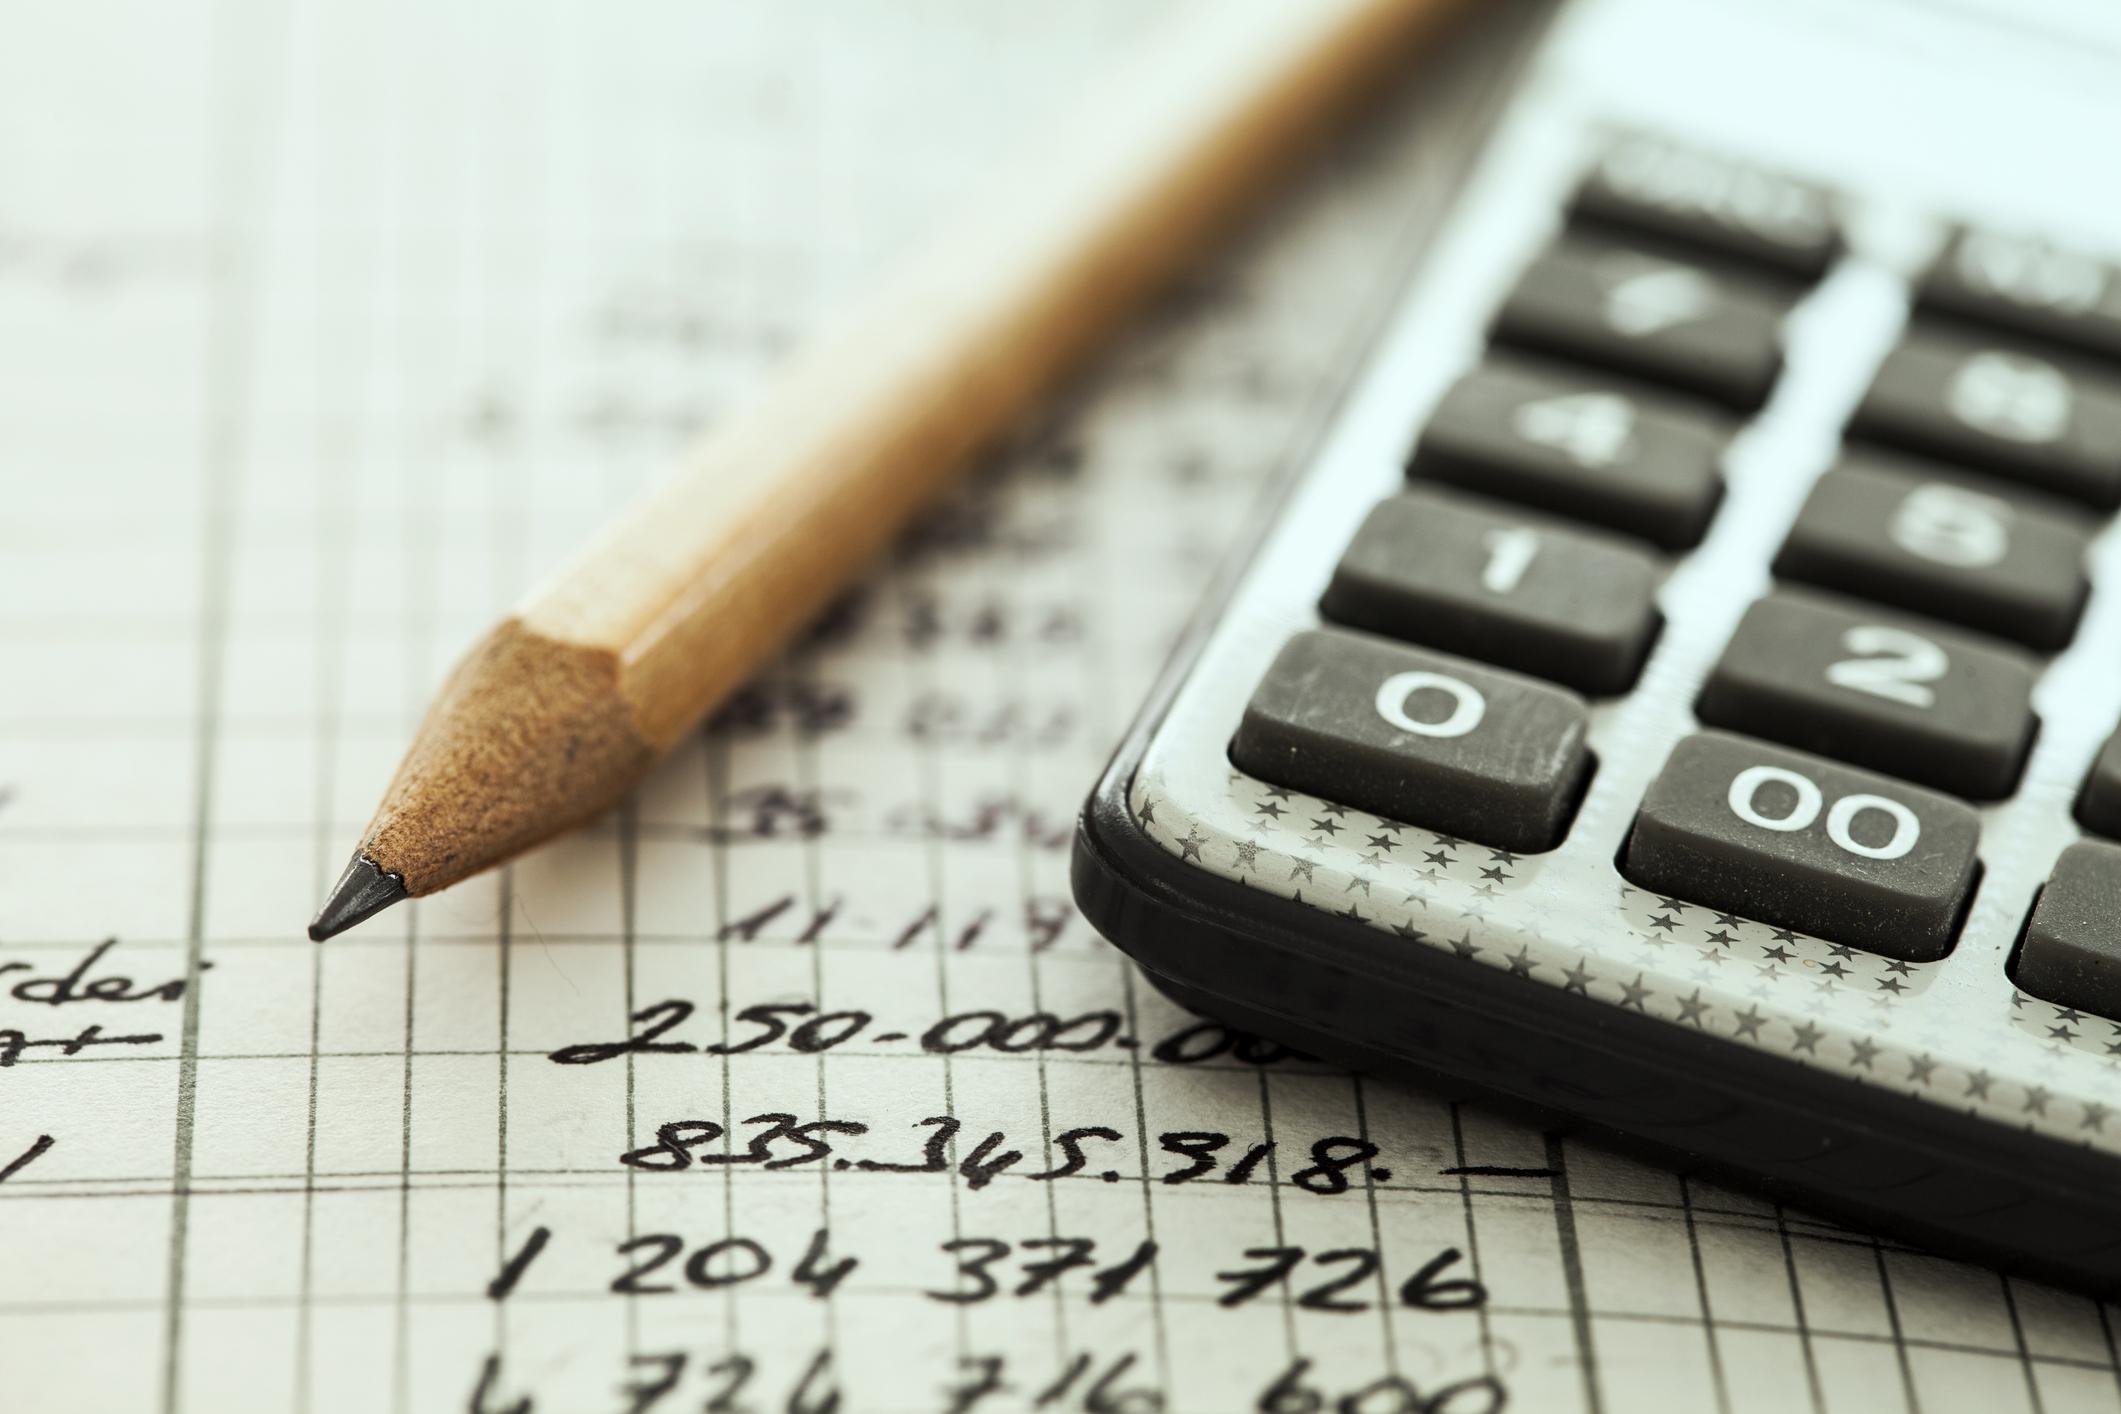 Debt Acknowledgment - $165